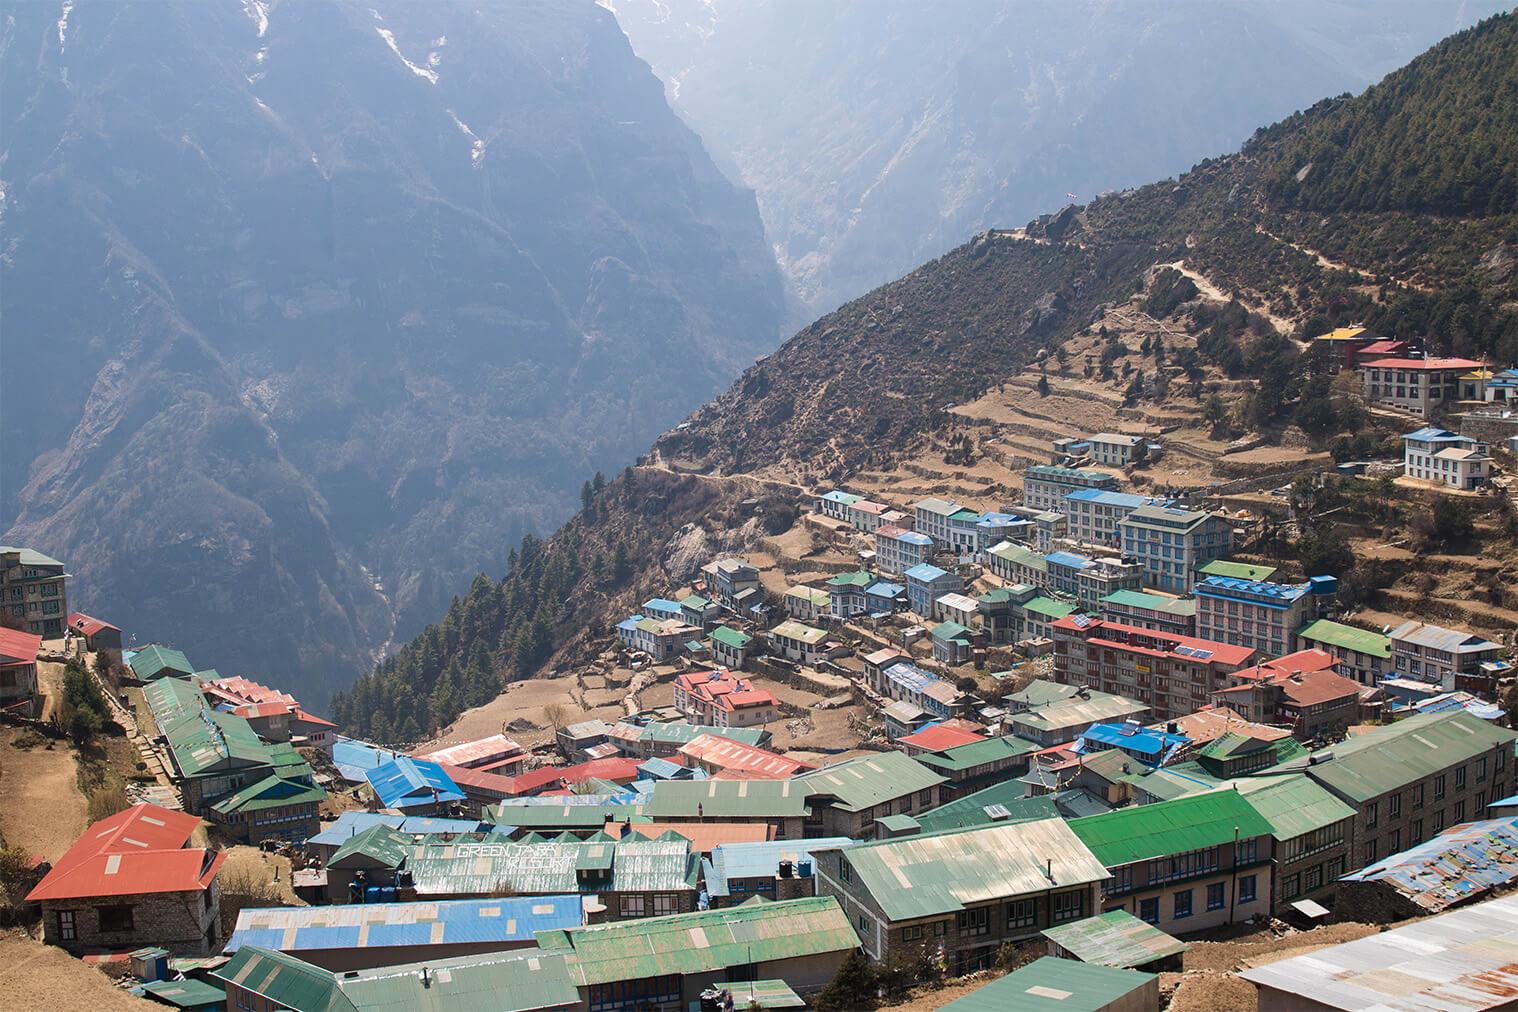 Namche Bazaar (3400 m)